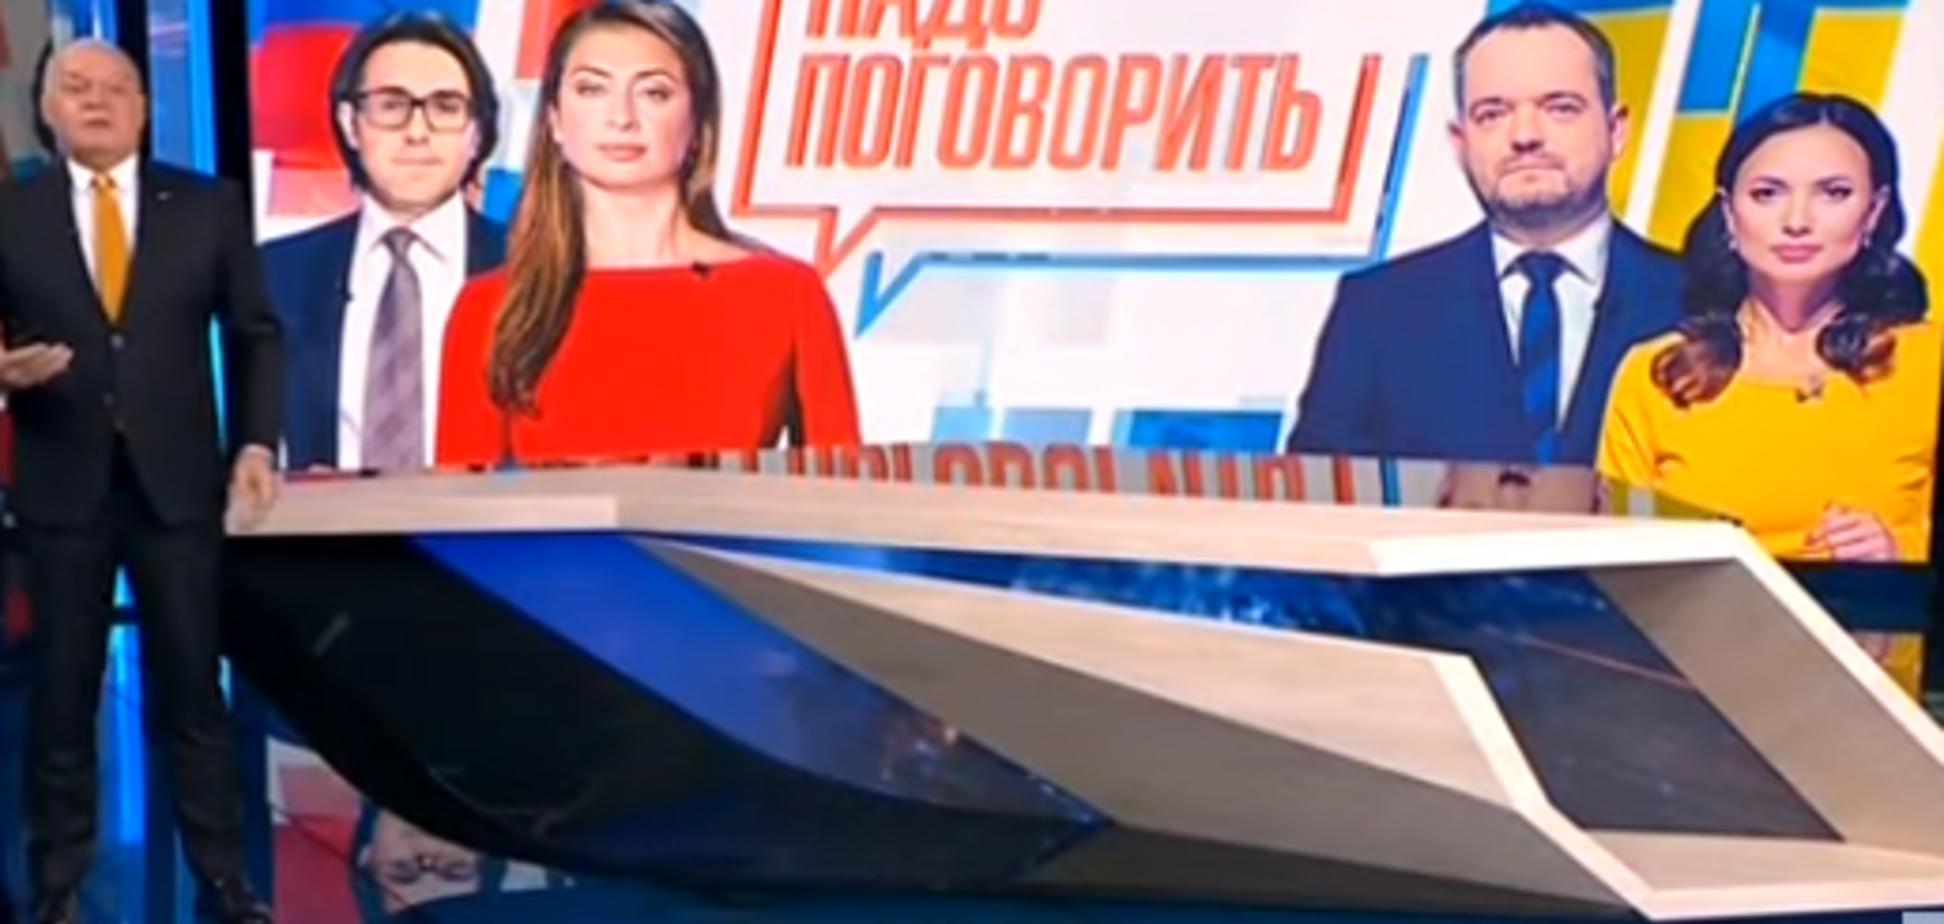 Портніков пояснив мету скандалу з телемостом